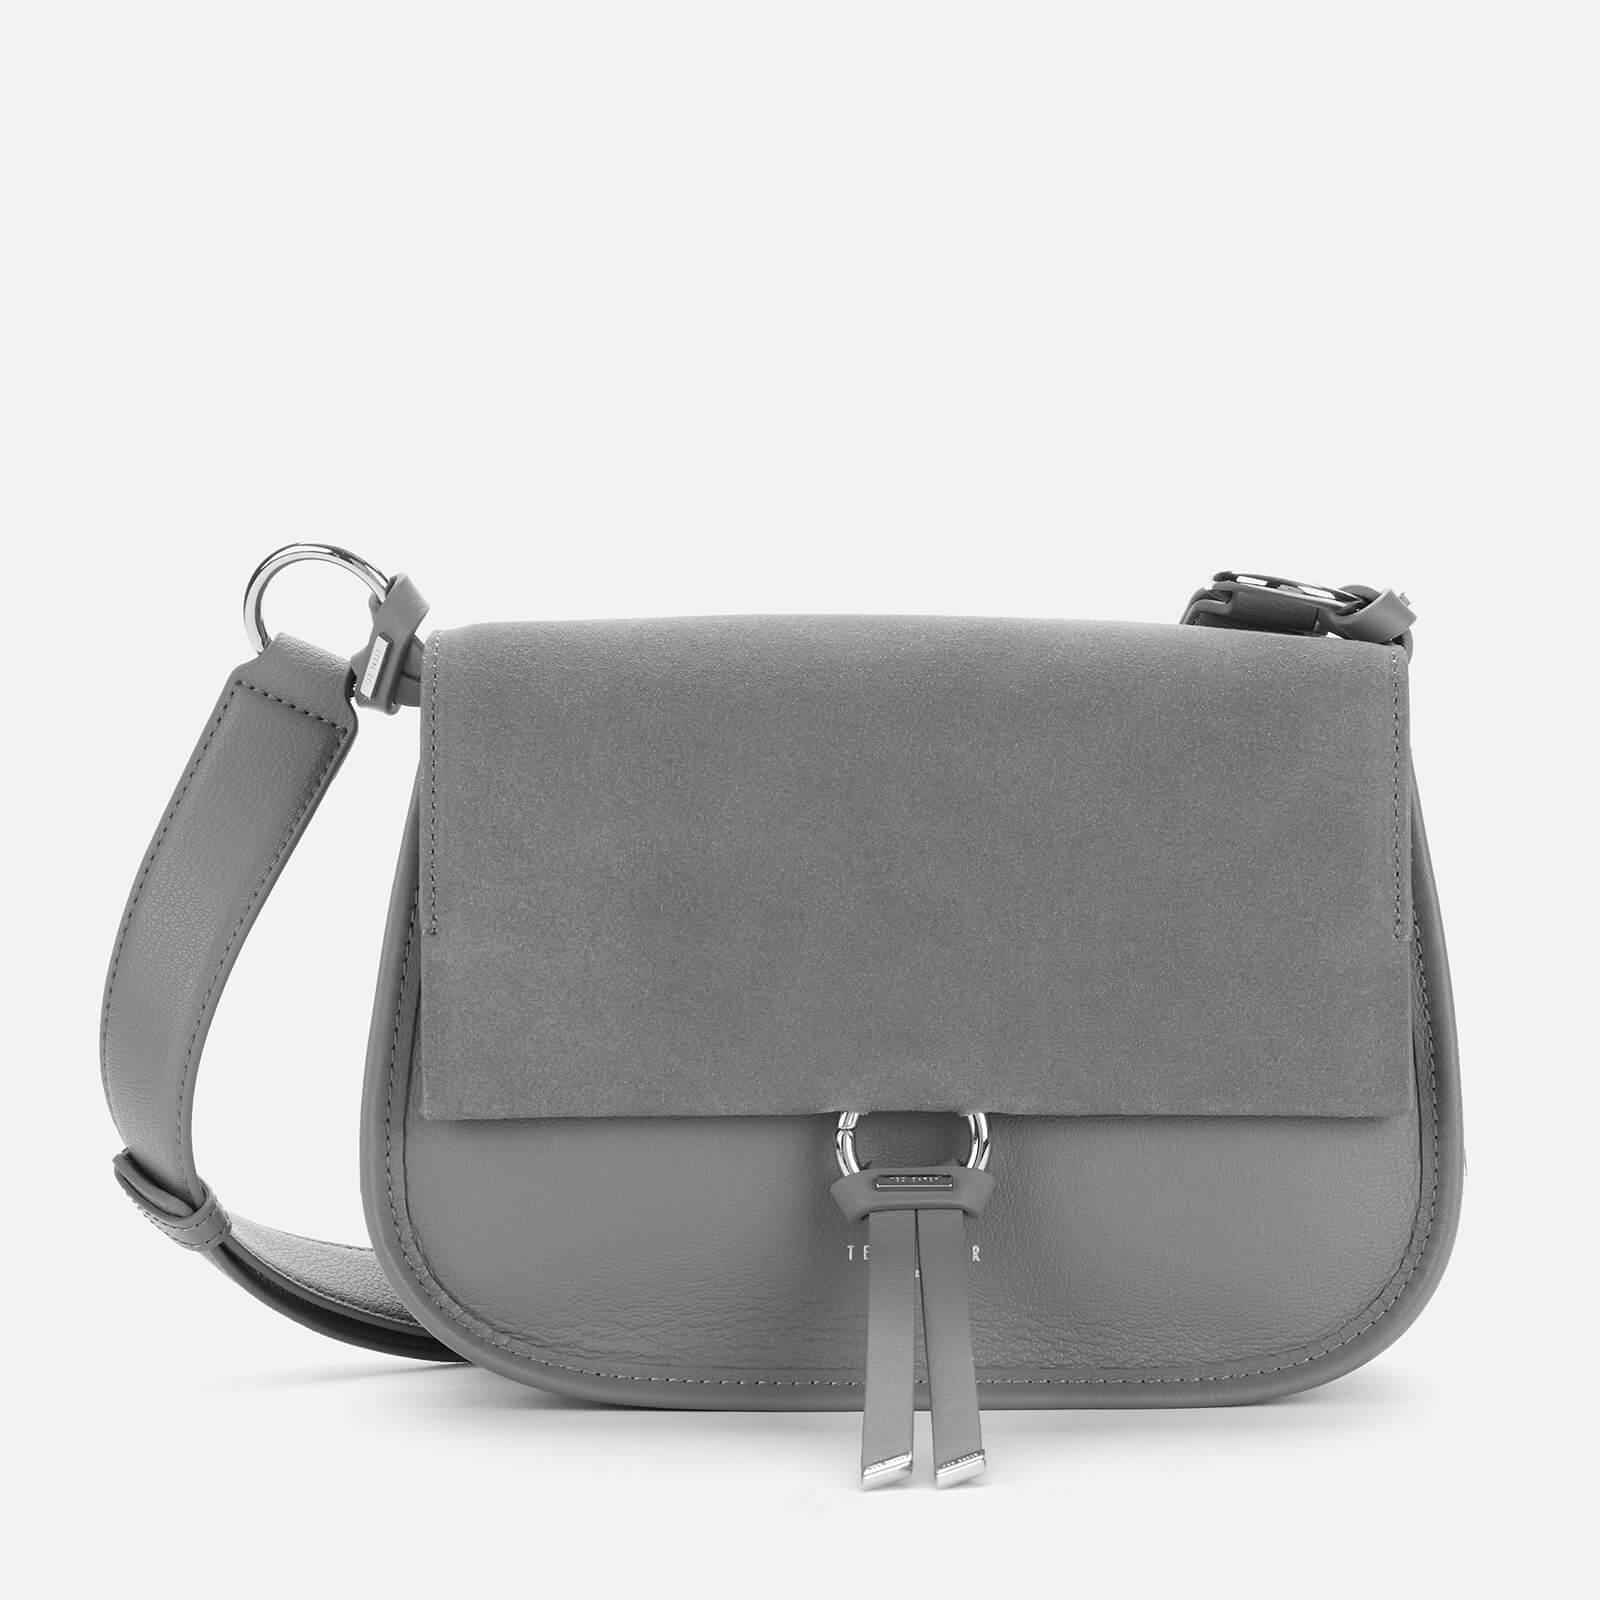 Ted Baker Women's Harrlee Cross Body Bag - Dark Grey